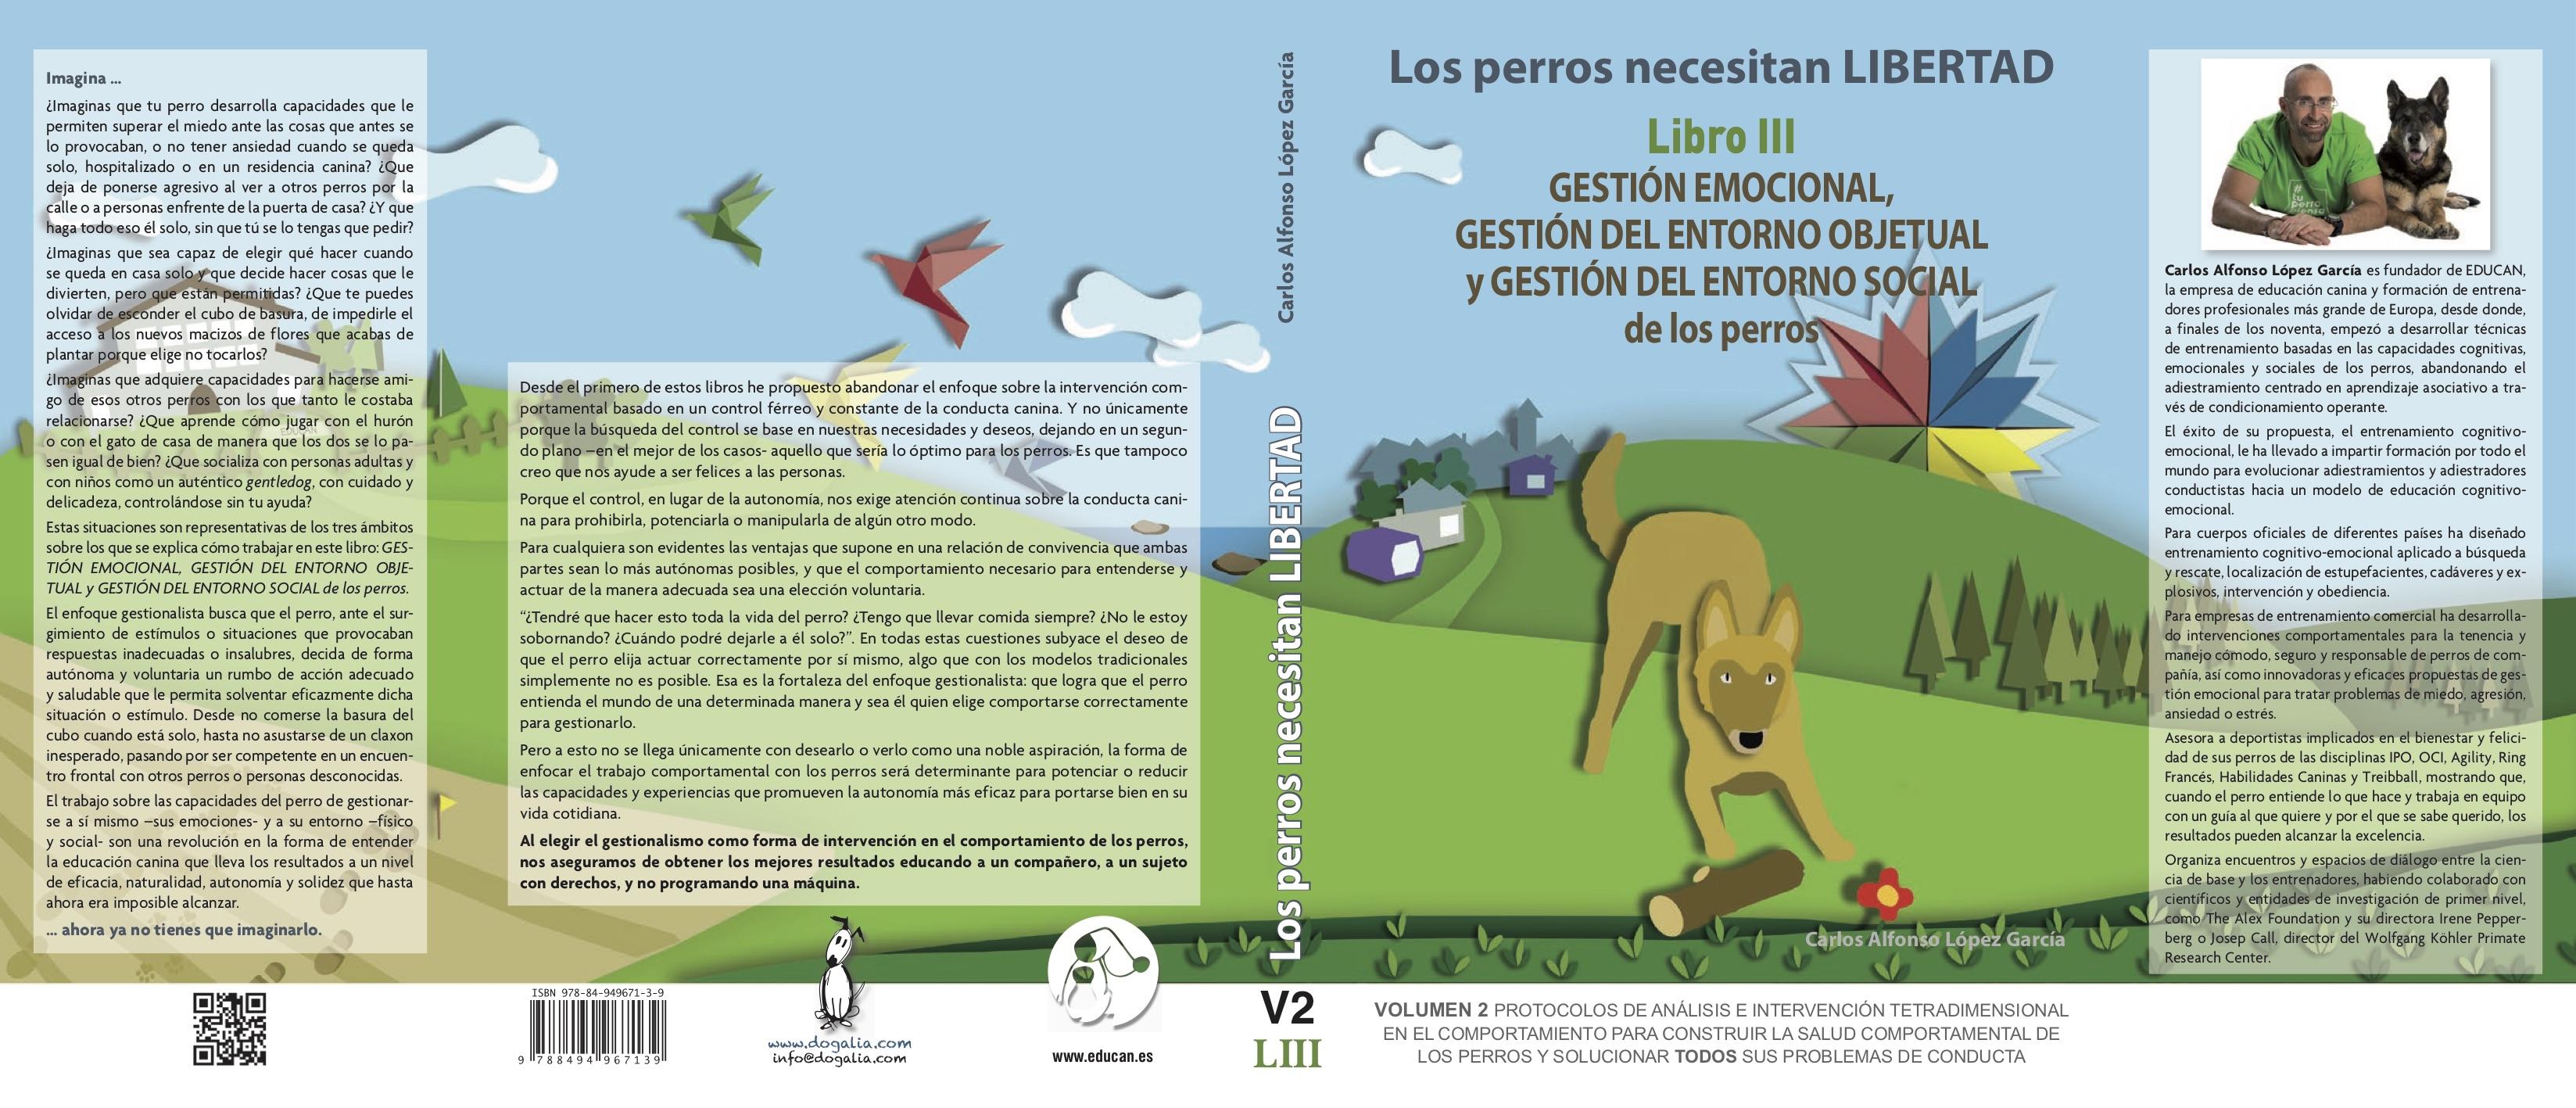 aa780538dd81 Los perros necesitan LIBERTAD. Libro III GESTIÓN EMOCIONAL